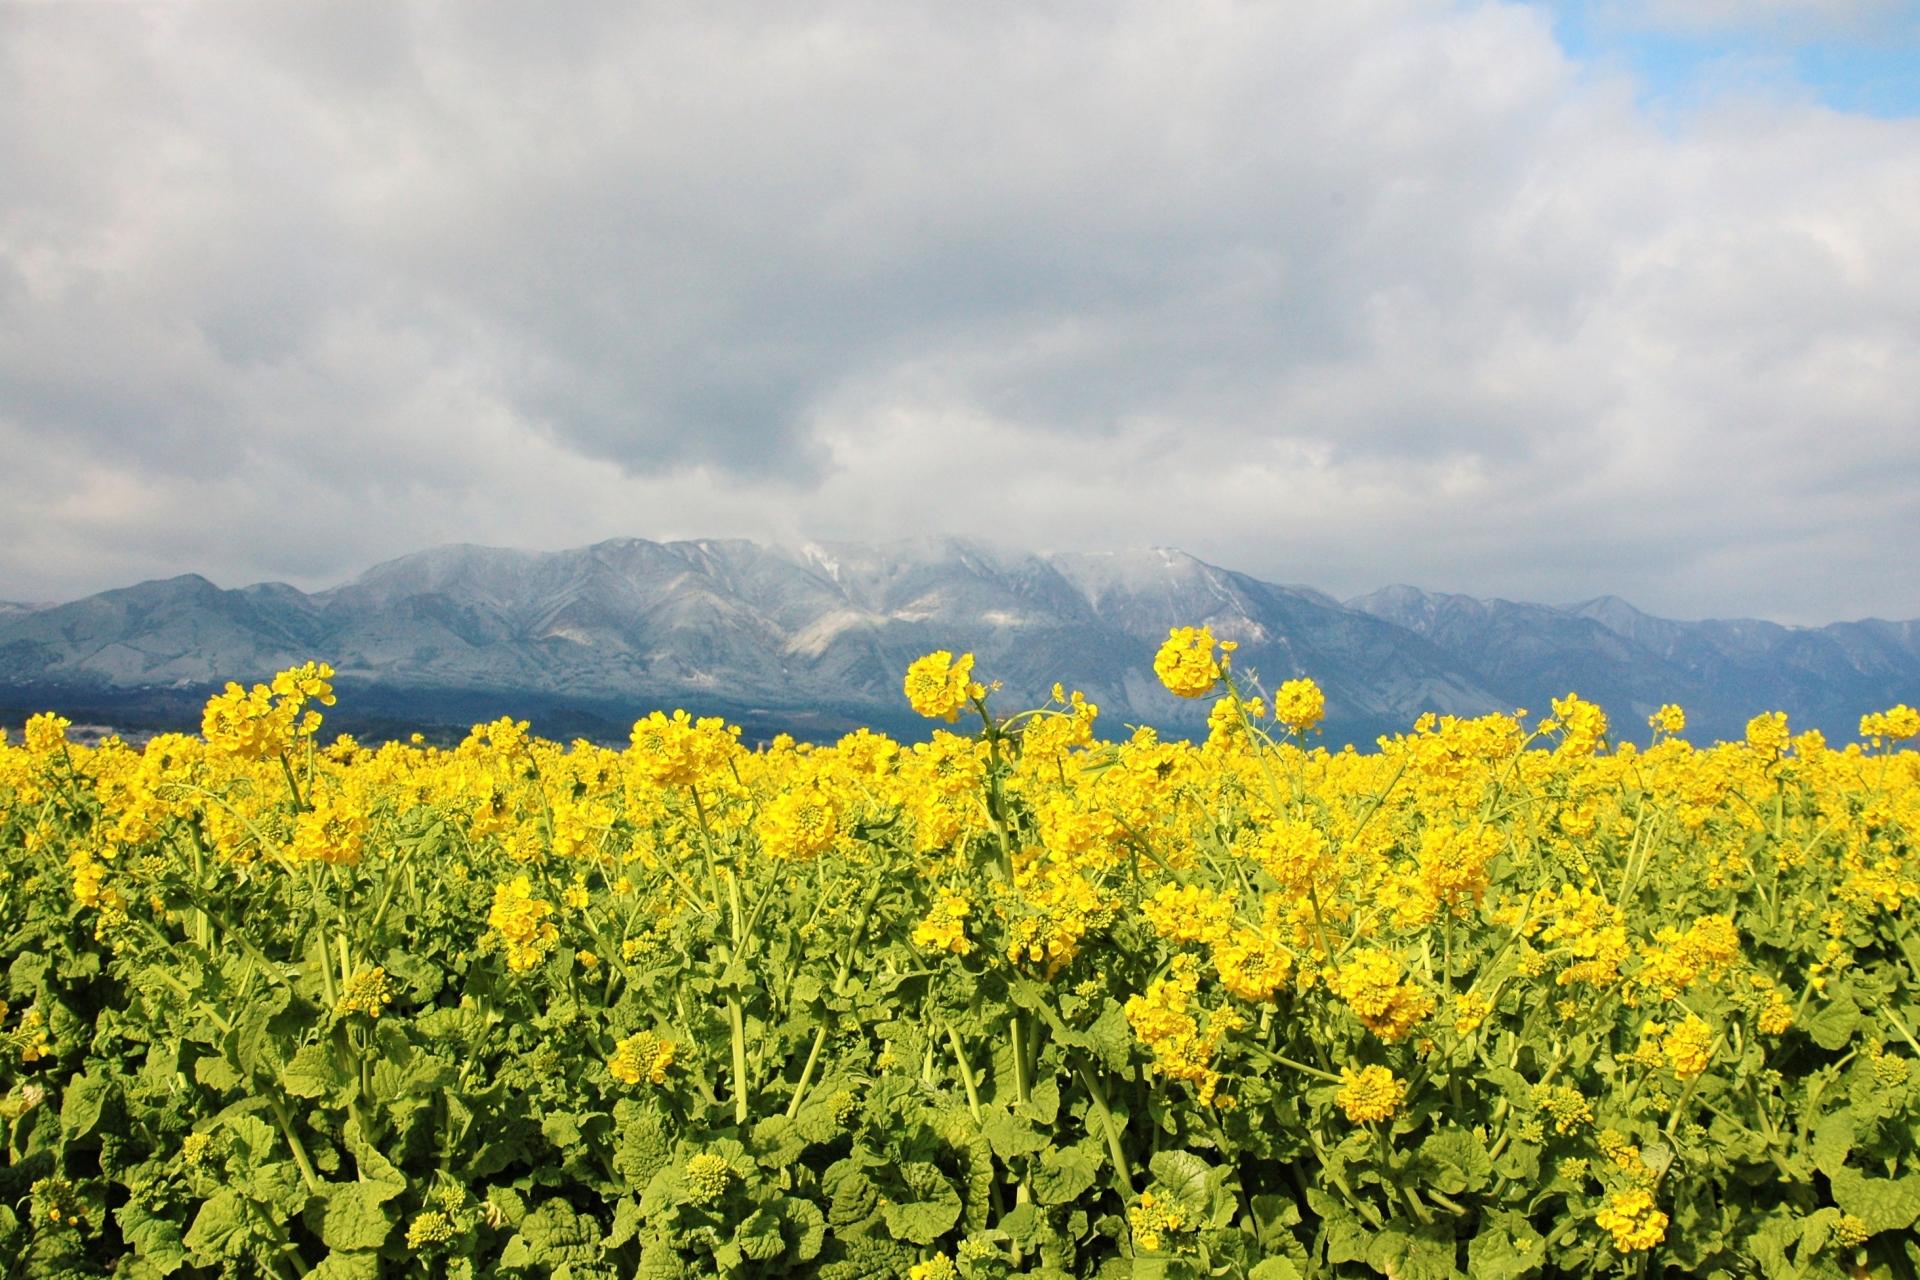 2249685_m 滋賀県  第一なぎさ公園(雪が残る比良山と約12000本の菜の花のコントラストが美しい冬におすすめの絶景スポット! 写真の紹介、アクセス情報や駐車場情報など)